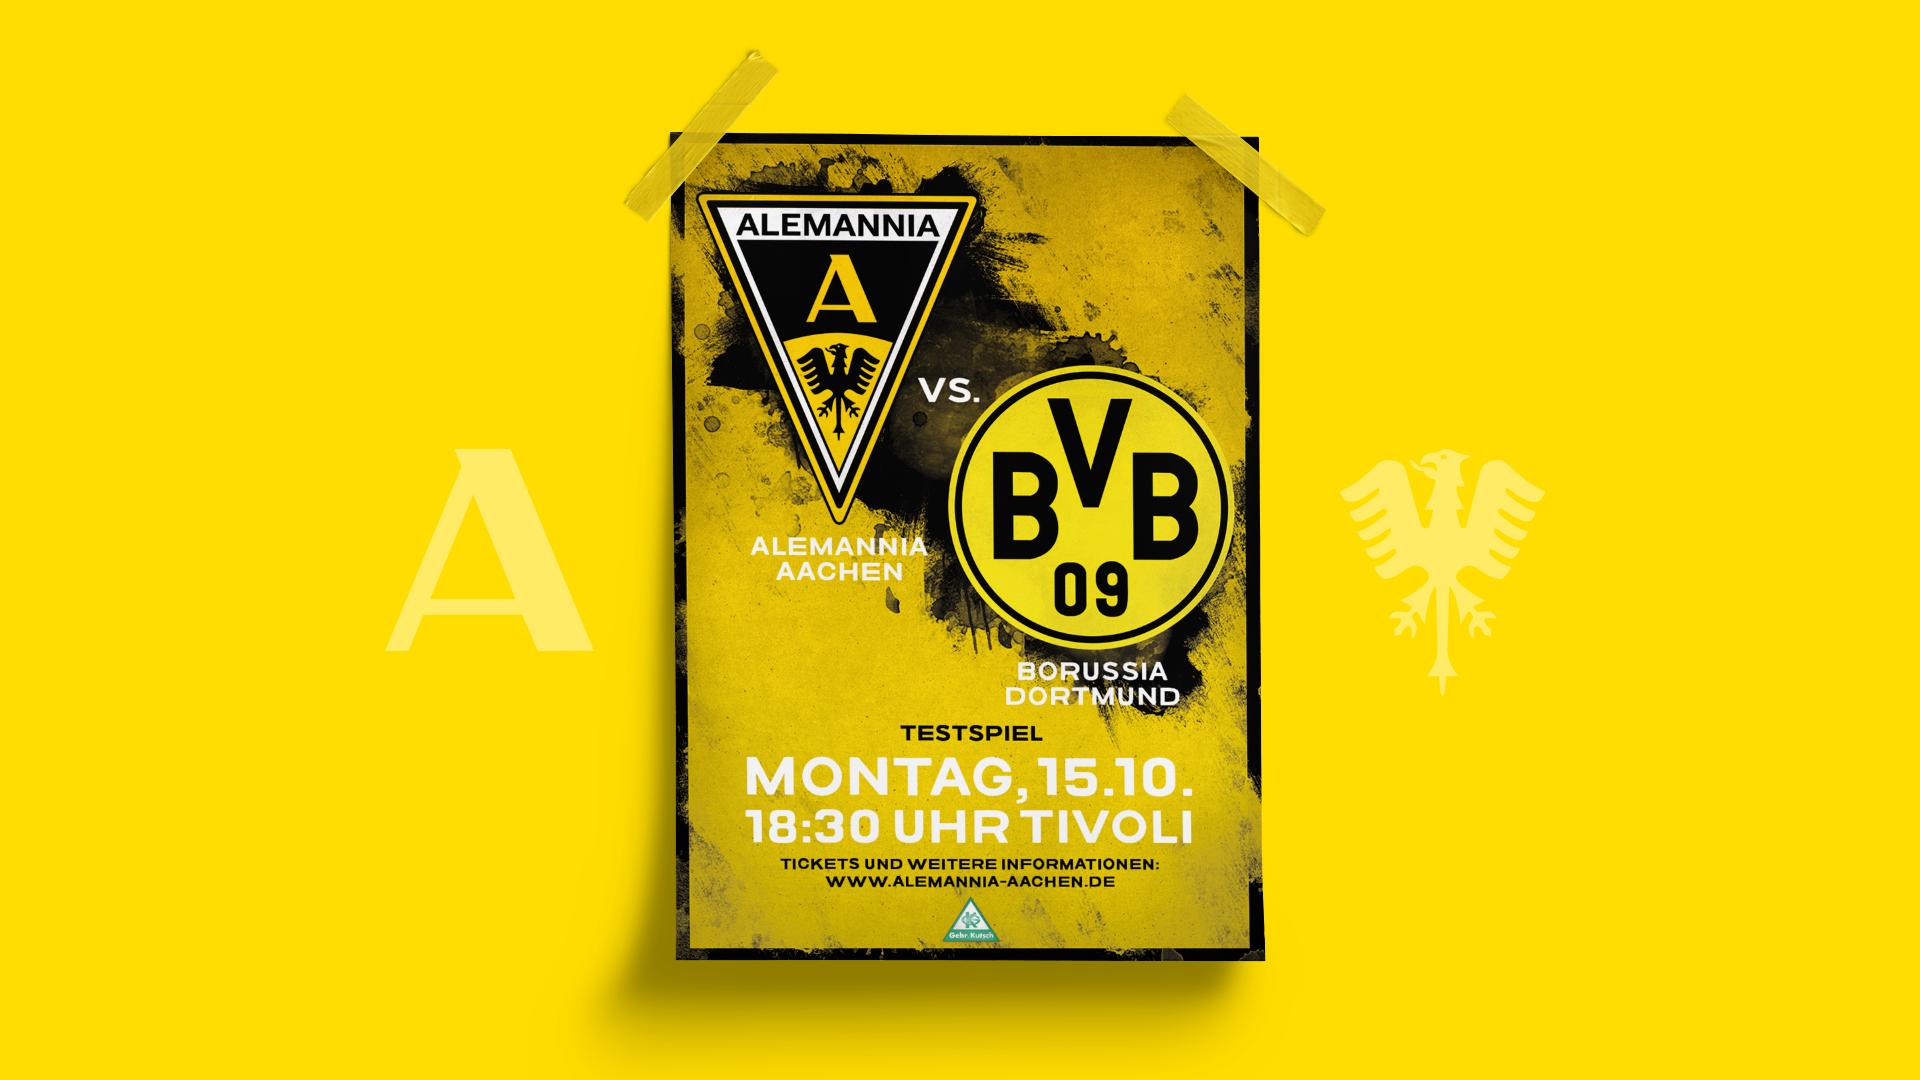 Plakat zur Spielbegegnung Alemannia Aachen gegen die erste Mannschaft von Borussia Dortmund aus der 1. Bundeliga.